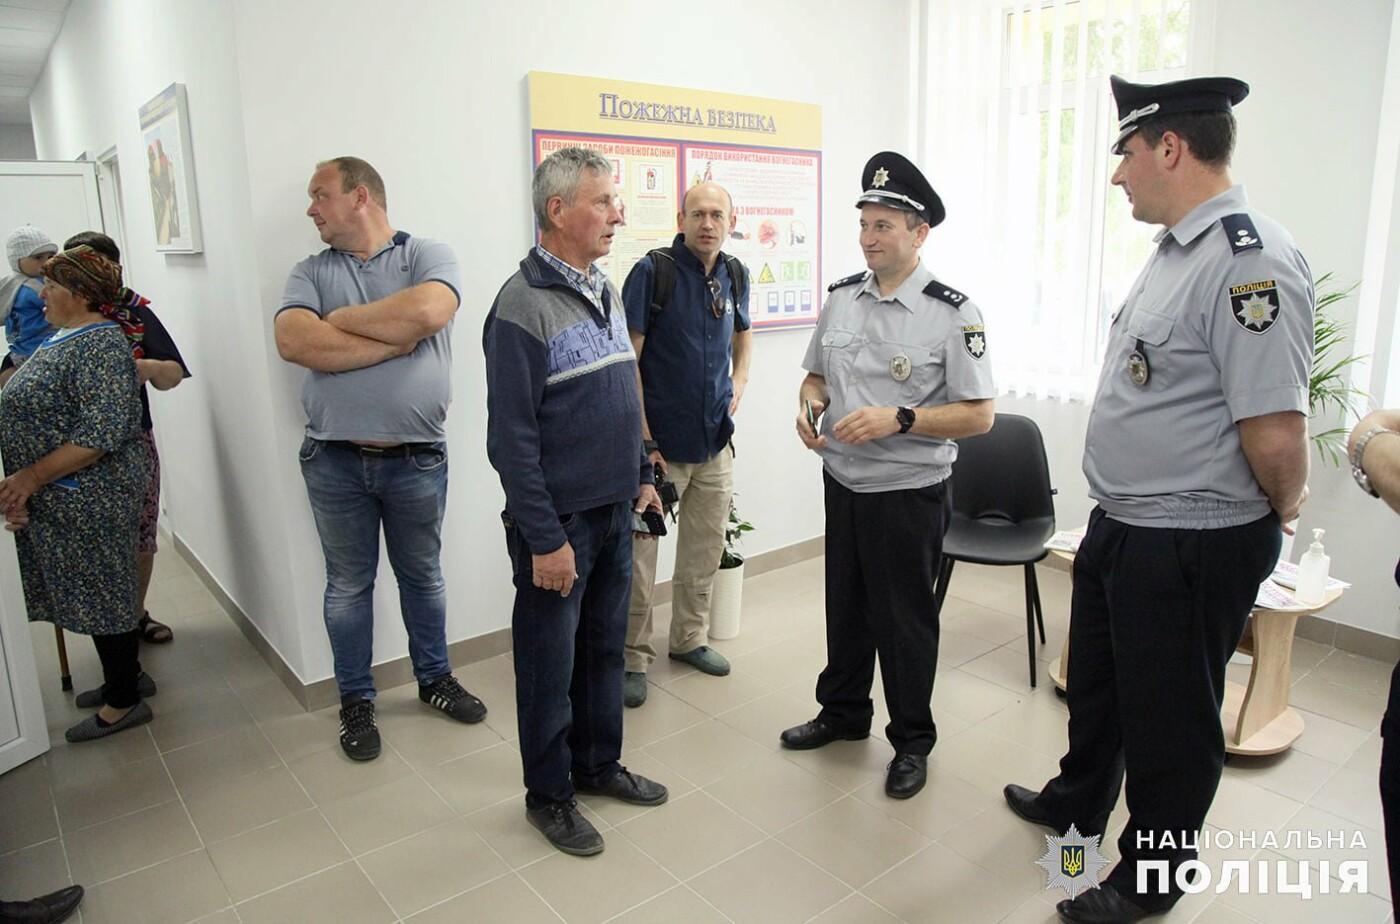 На Кам'янеччині відкрили перший в області центр безпеки громадян, фото-3